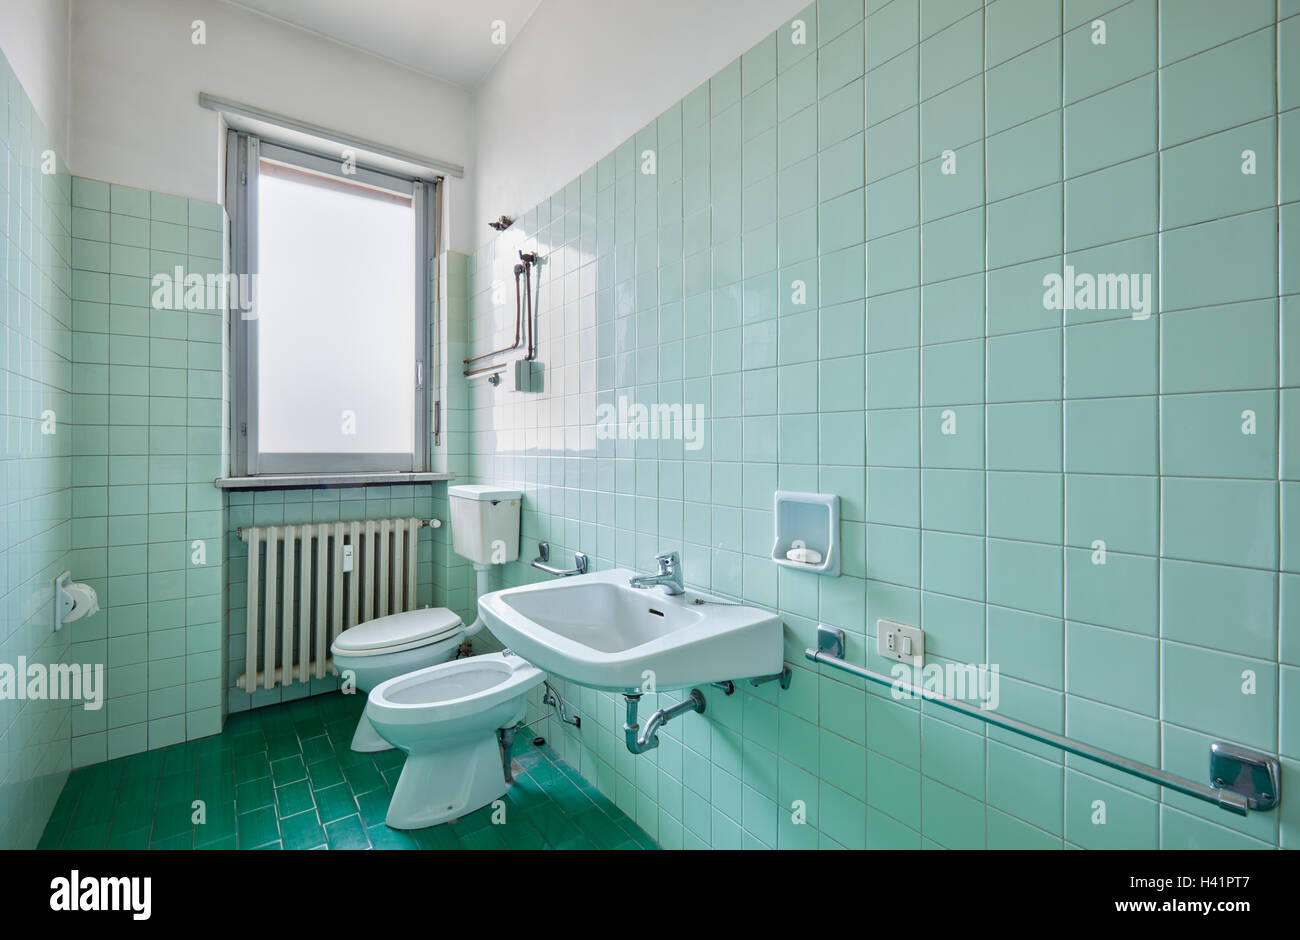 Antico bagno interno con piastrelle verdi foto immagine stock